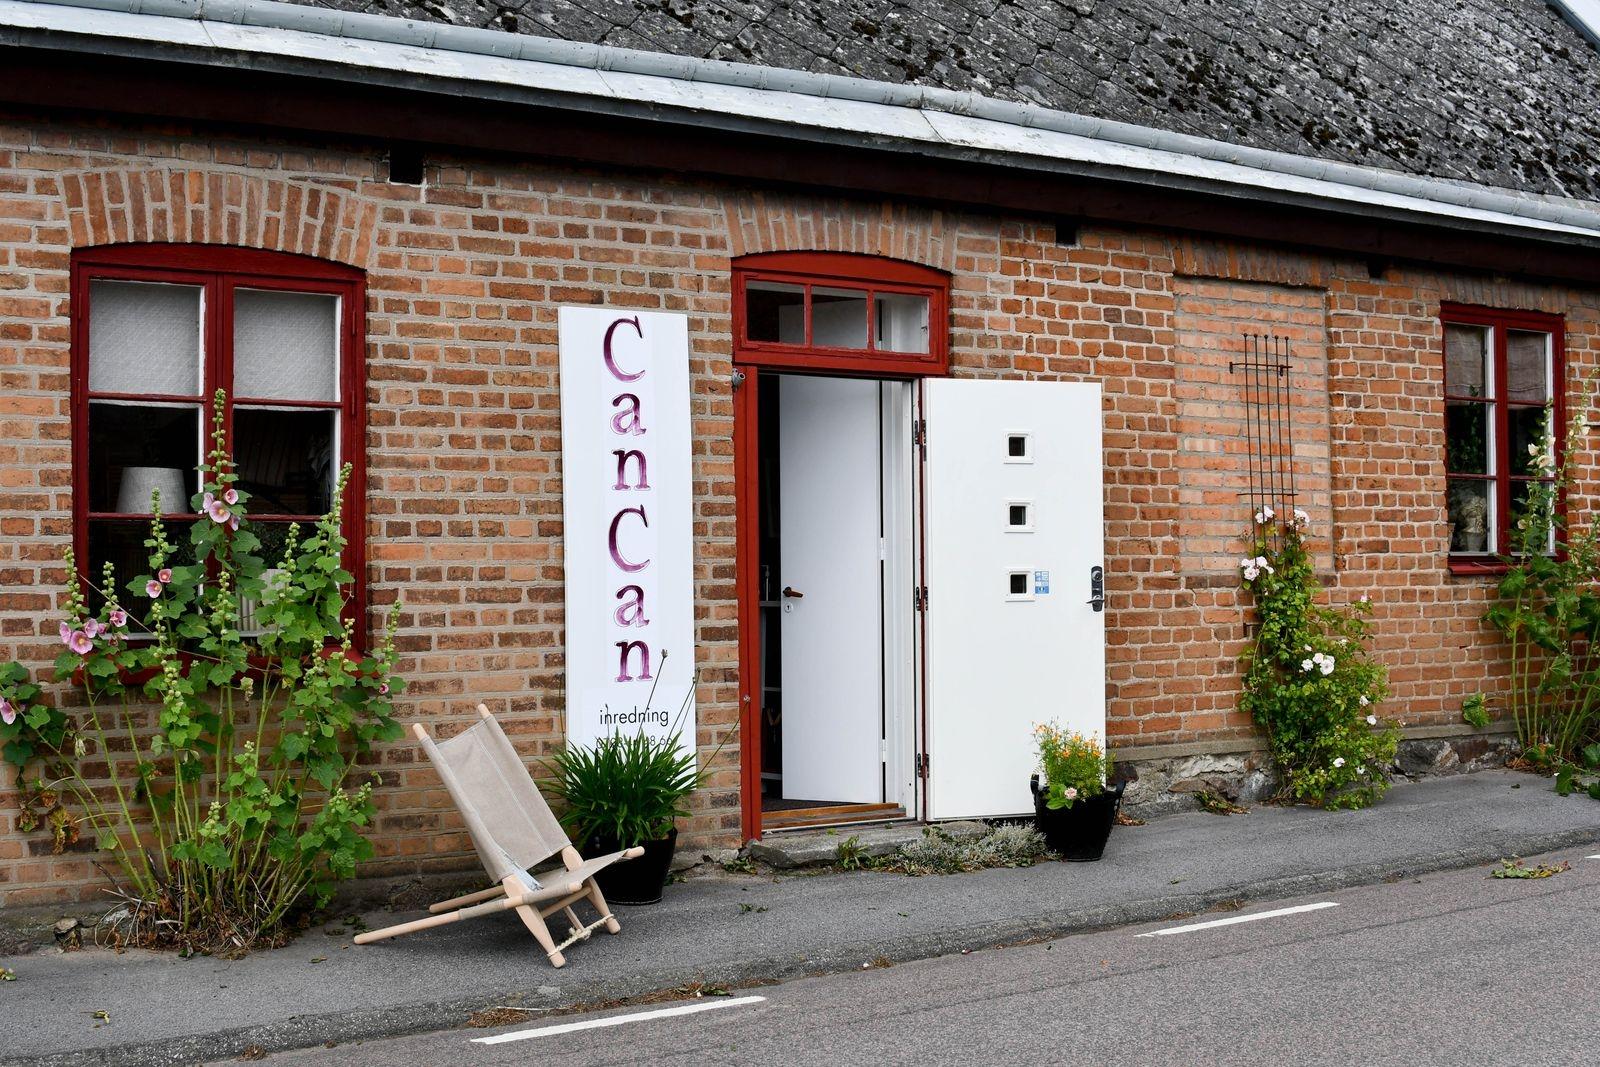 I det vackra 1850-talshuset, mitt emot kyrkan i Stora Köpinge, finns butiken.